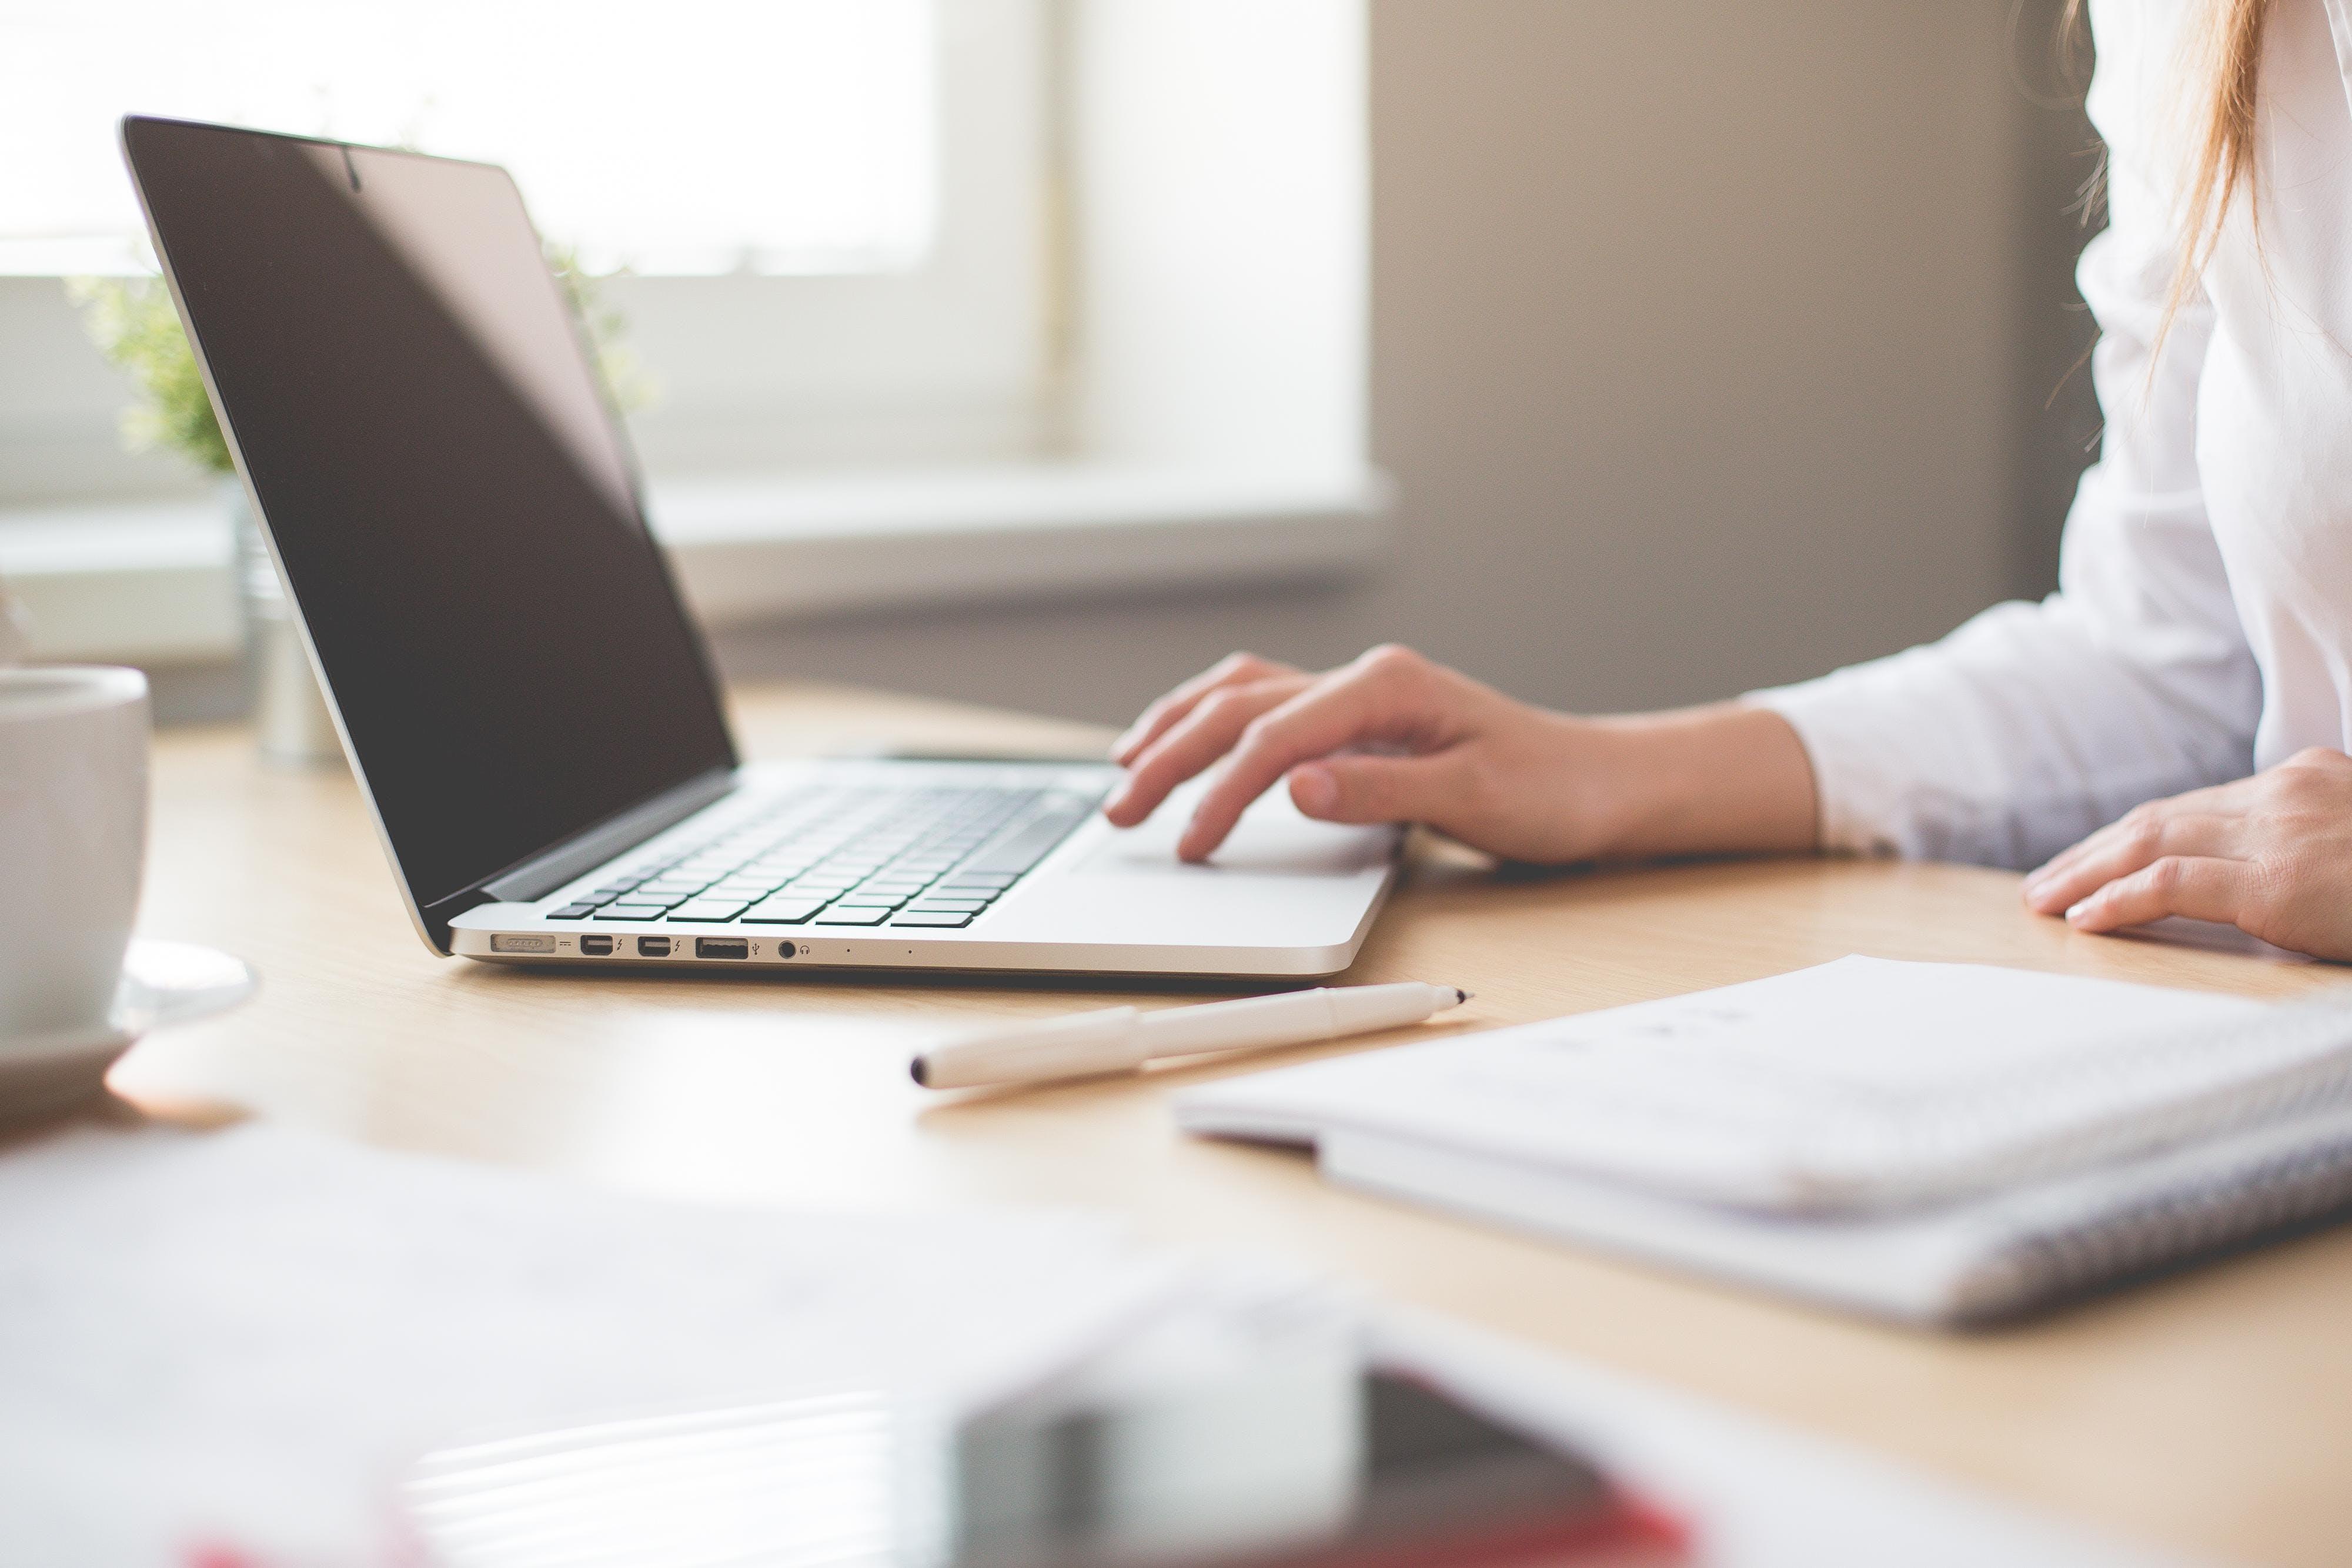 Midis de l'avocat numérique - L'ubérisation d